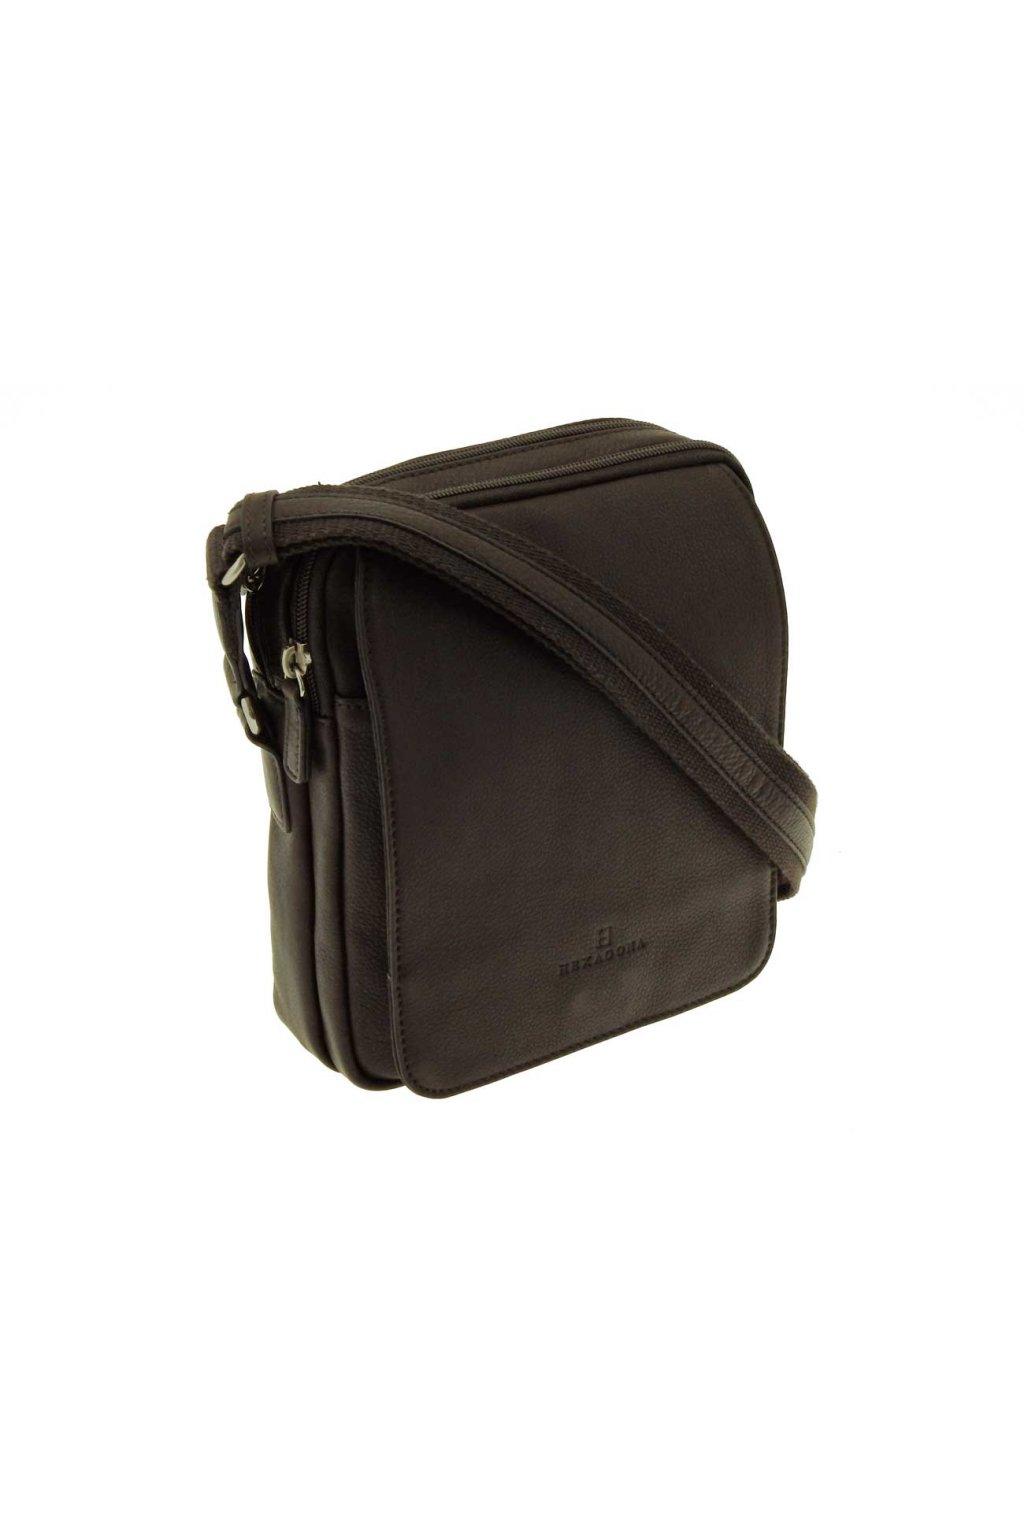 panska kozena taska pres rameno hneda PKK03 204568